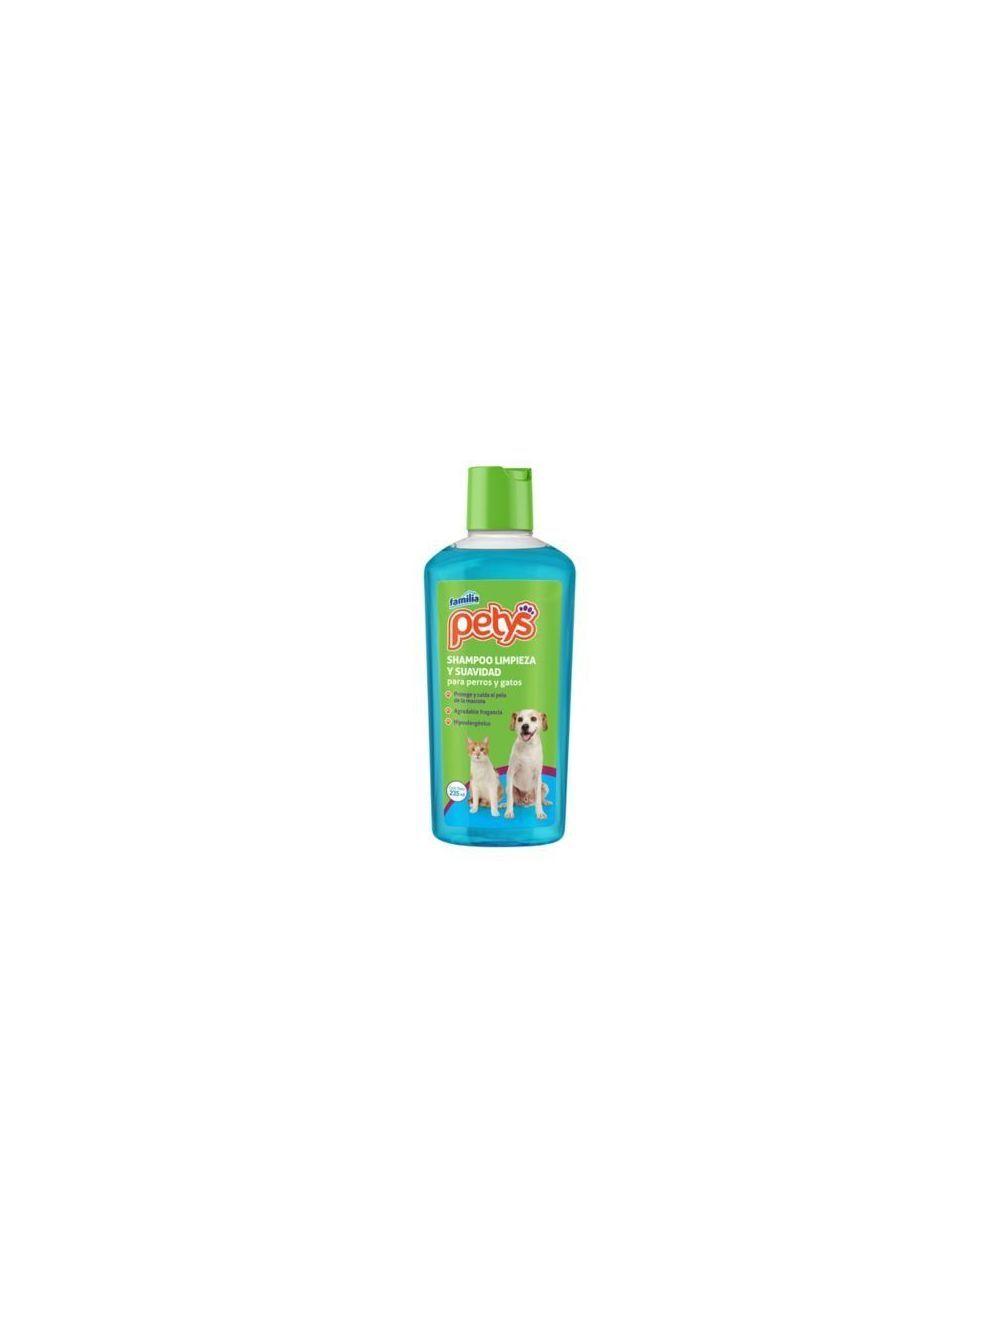 Shampoo limpieza y suavidad petys x 235 ml - Ciudaddemascotas.com